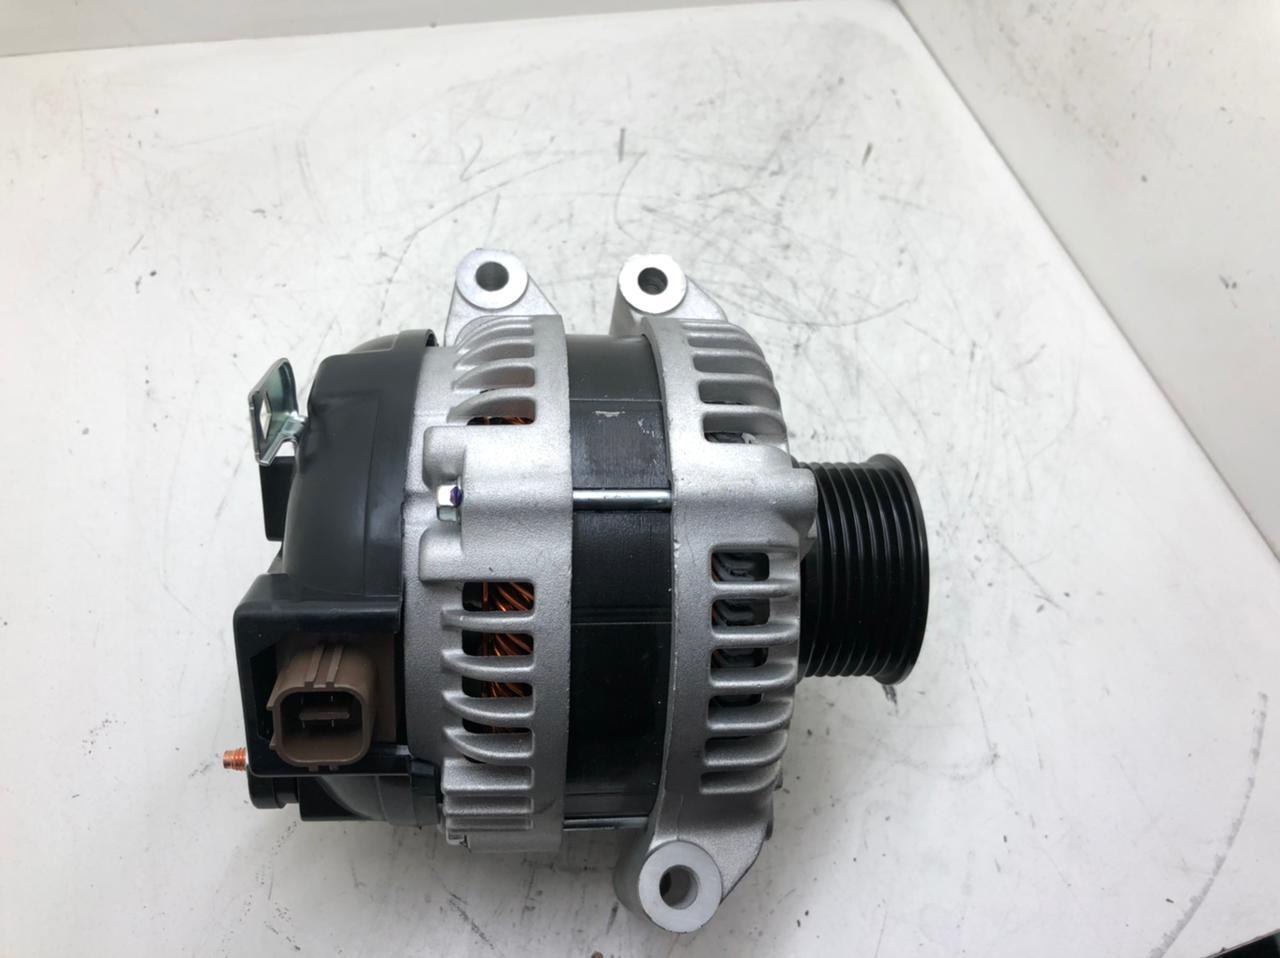 Alternador HONDA CIVIC 2.0 DOHC CRV 2.4 ACCORD 2.4 SOHC 14V 105A 94125 CSD73 1042103290 1042103291 1042103292 1042102393 D 10404 AEC21076